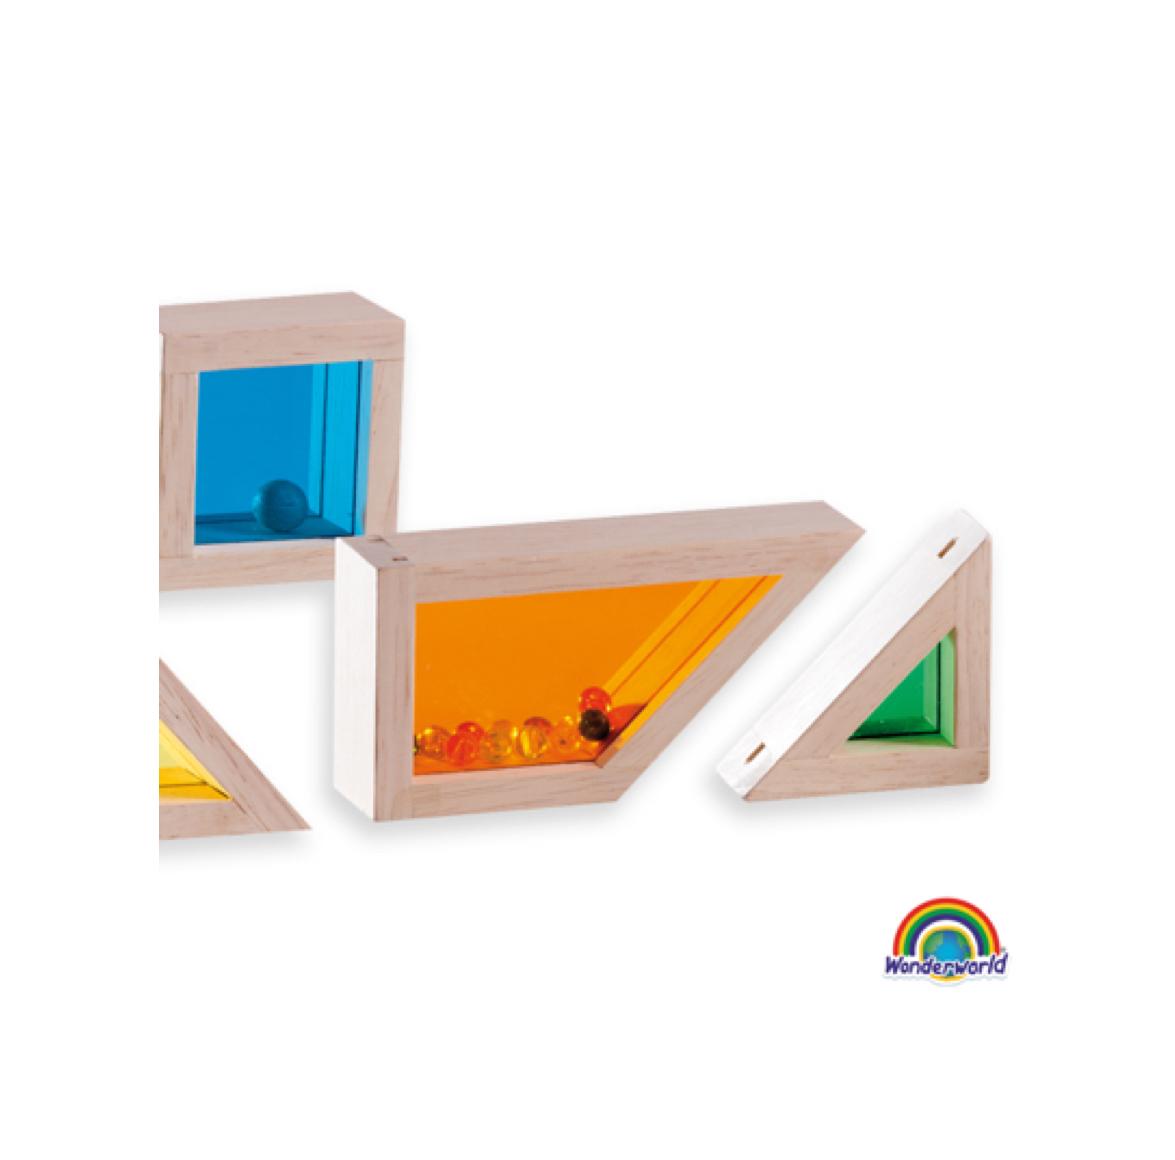 bloques-de-sonidos-y-colores-de-wonderworl-en-el-mundo-de-mico-6